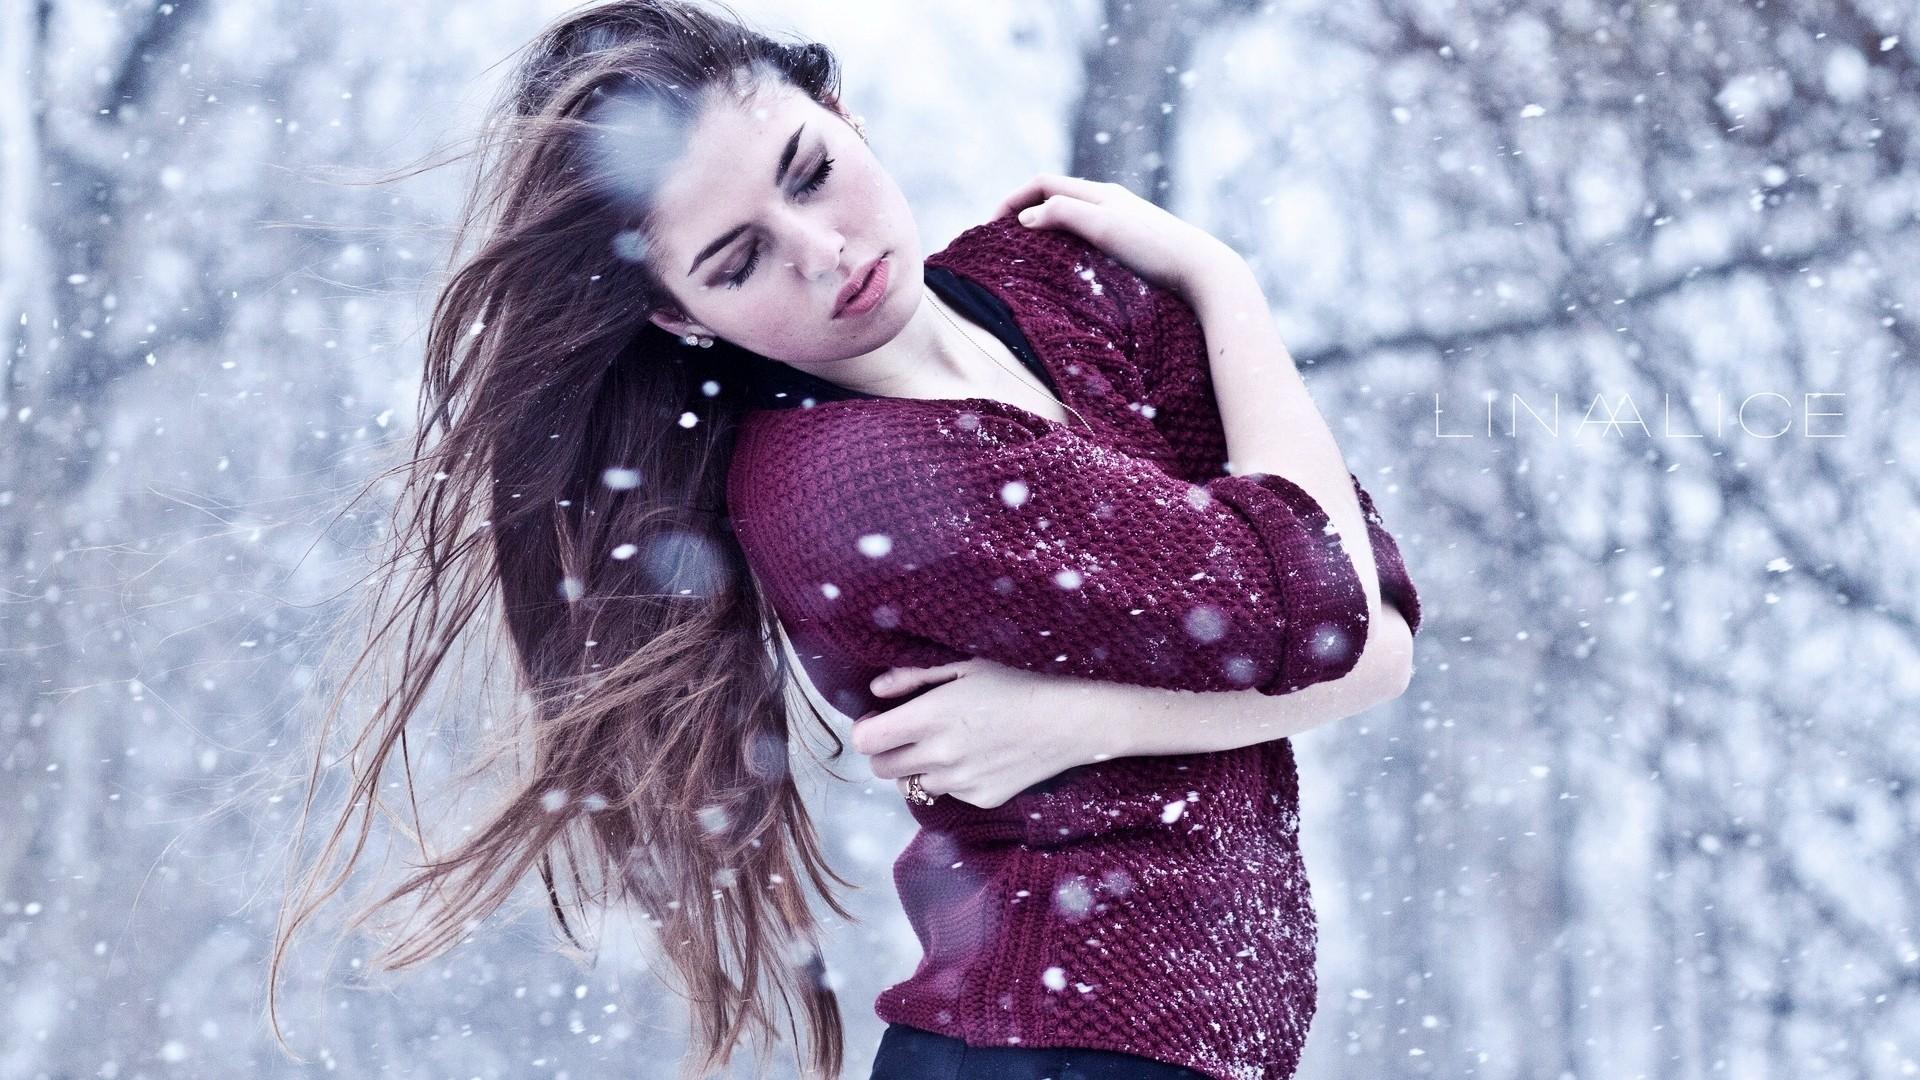 технологии фото про зиму на аву относятся тем продуктам